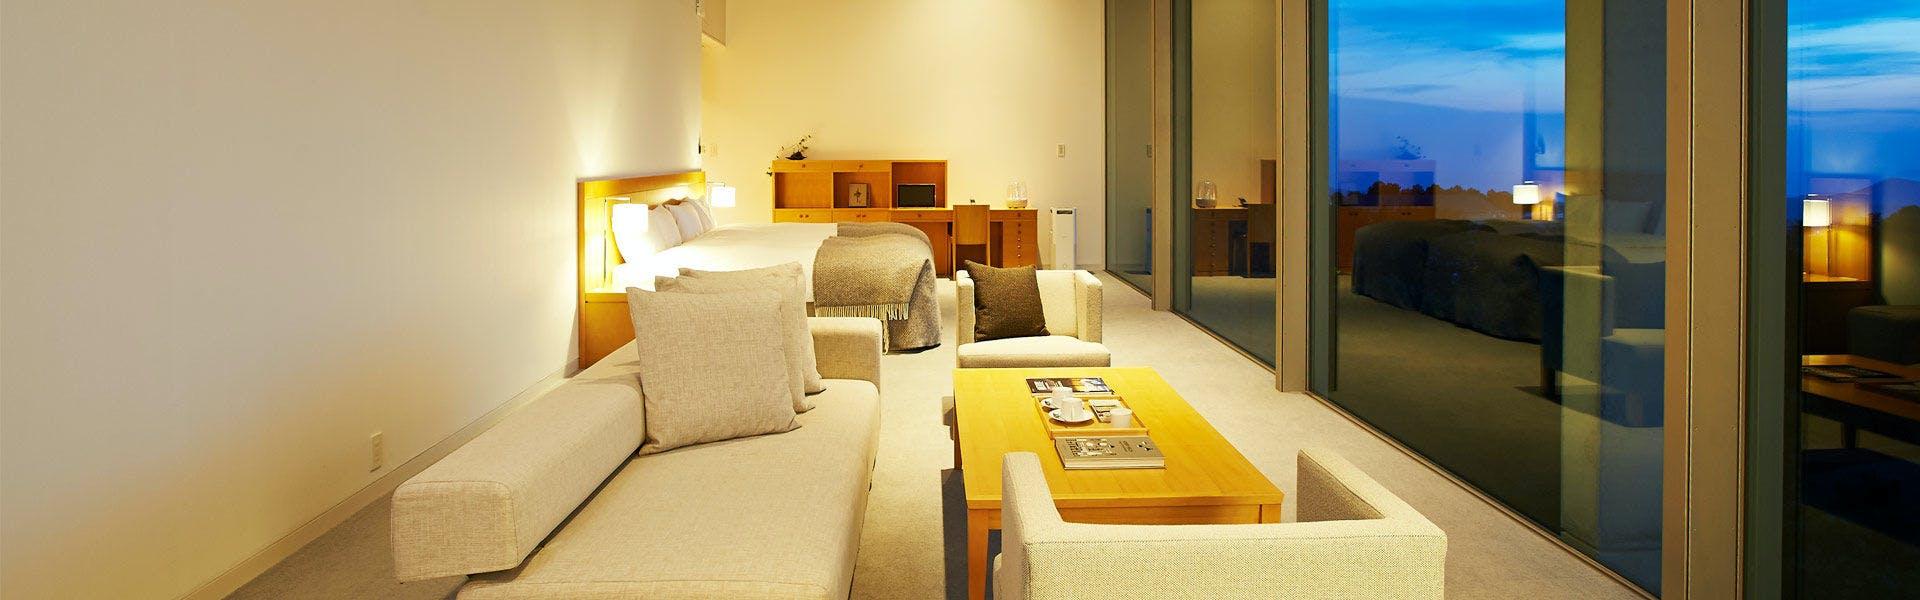 記念日におすすめのホテル・瀬戸内リトリート 青凪の写真3